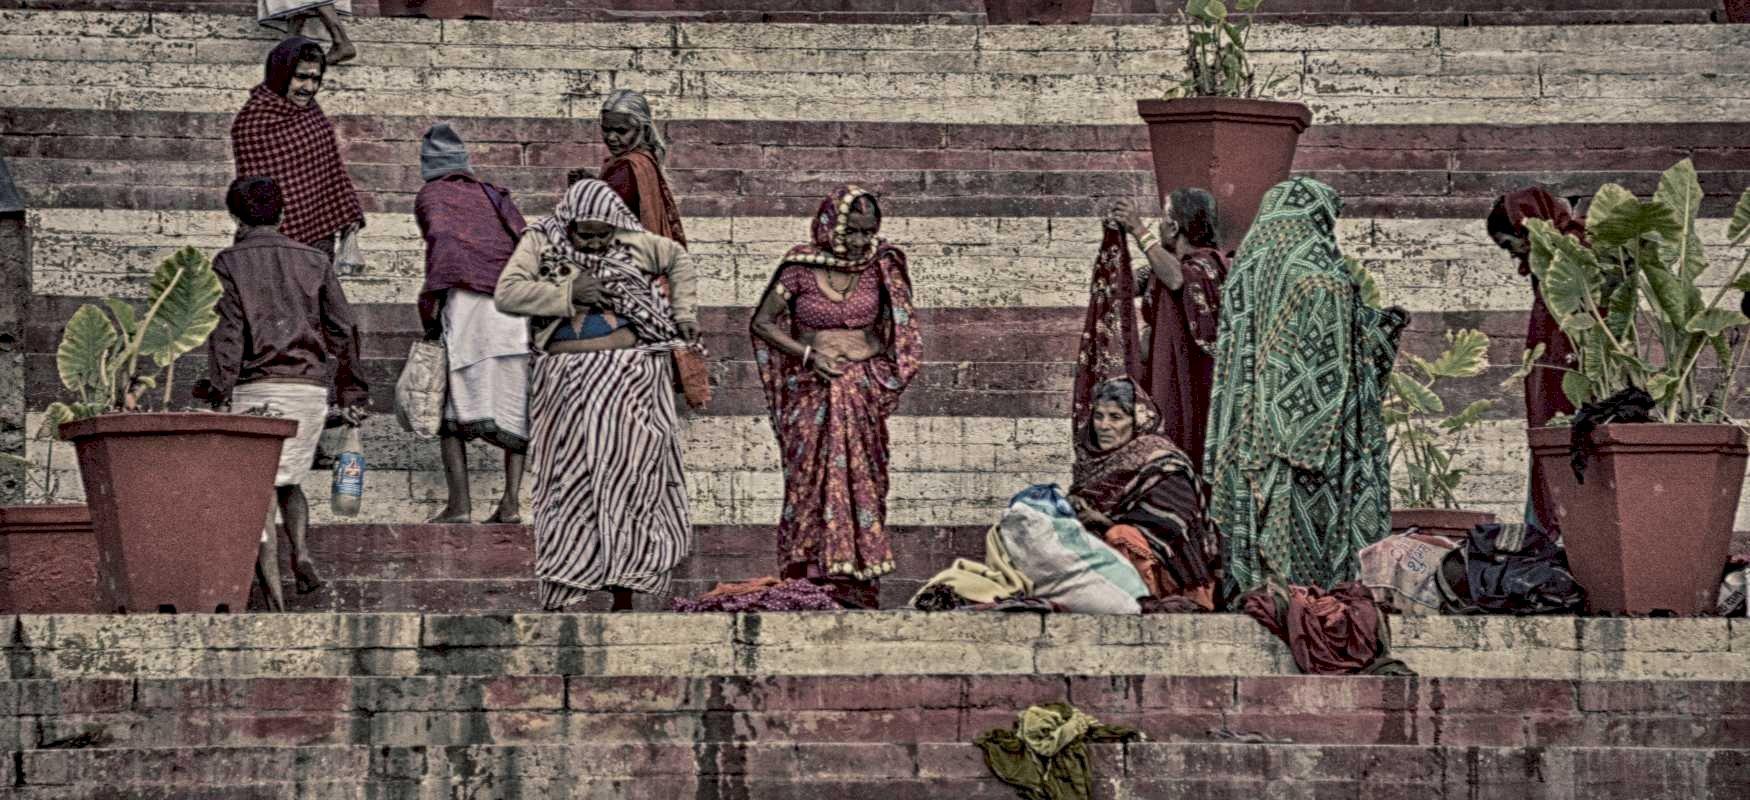 India 2013 13